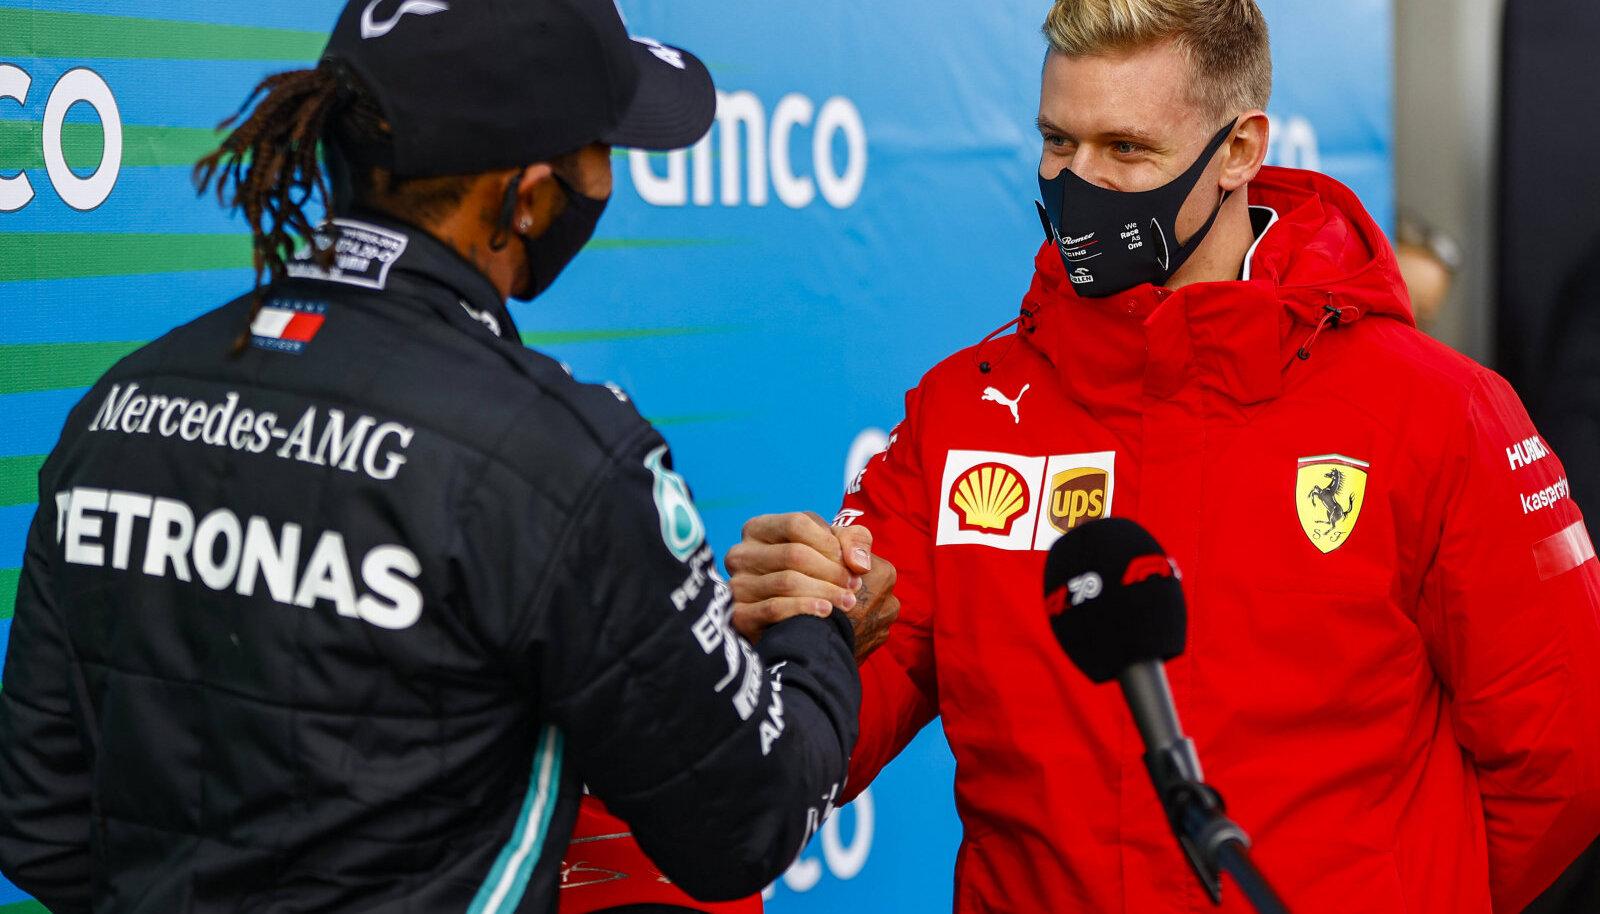 Lewis Hamilton ja Mick Schumacher